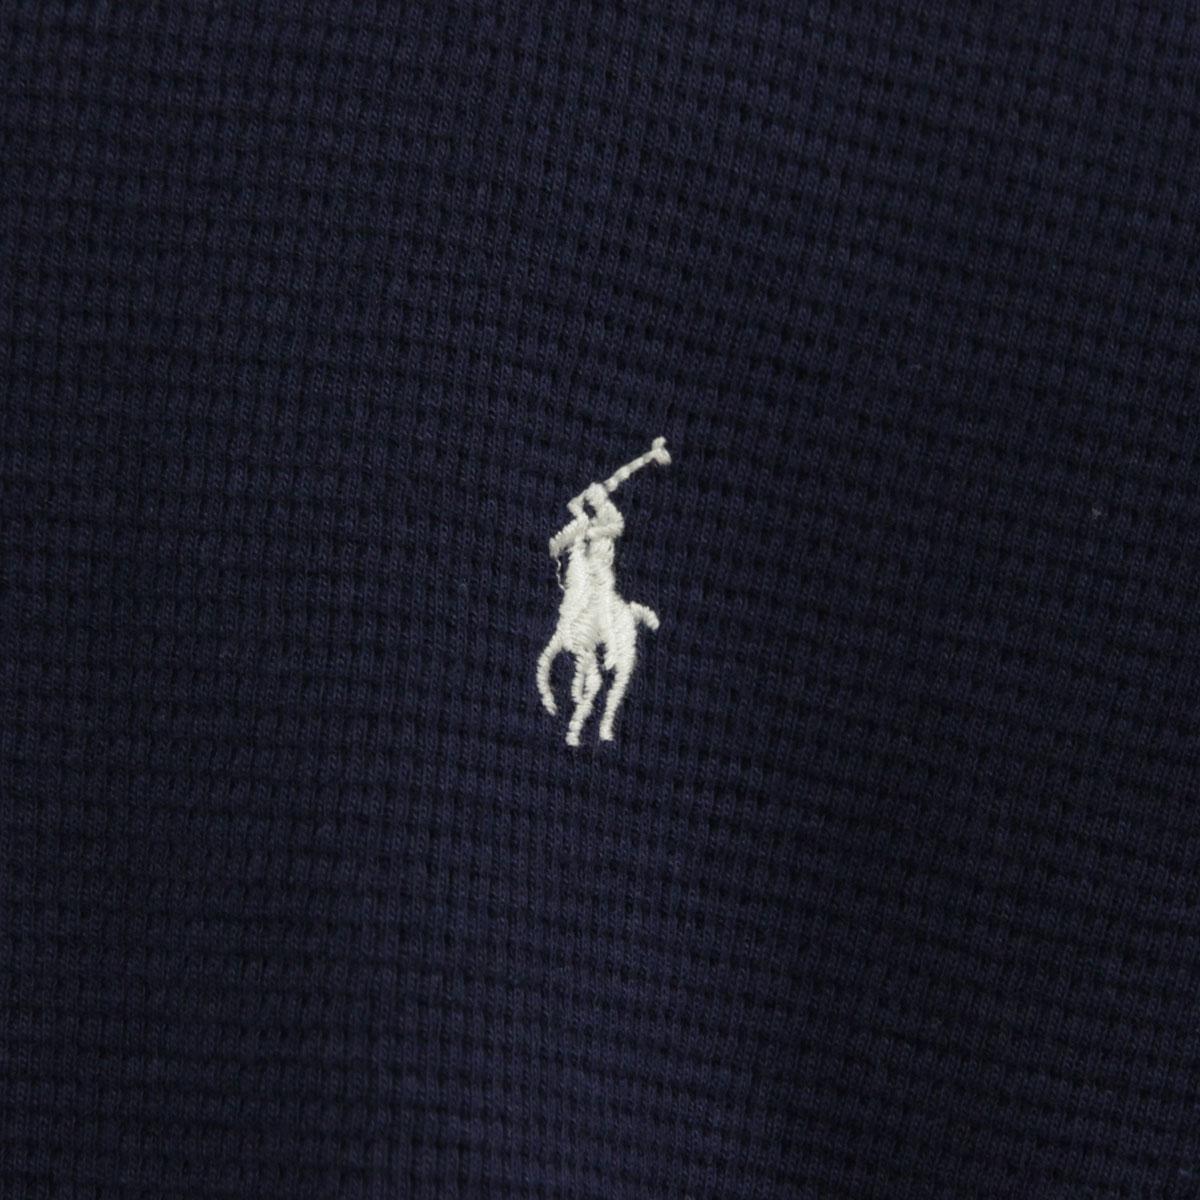 ポロ ラルフローレン Tシャツ メンズ 正規品 POLO RALPH LAUREN 長袖Tシャツ  L/S Thermal ネイビー A05B B1C C1D D2E E06F